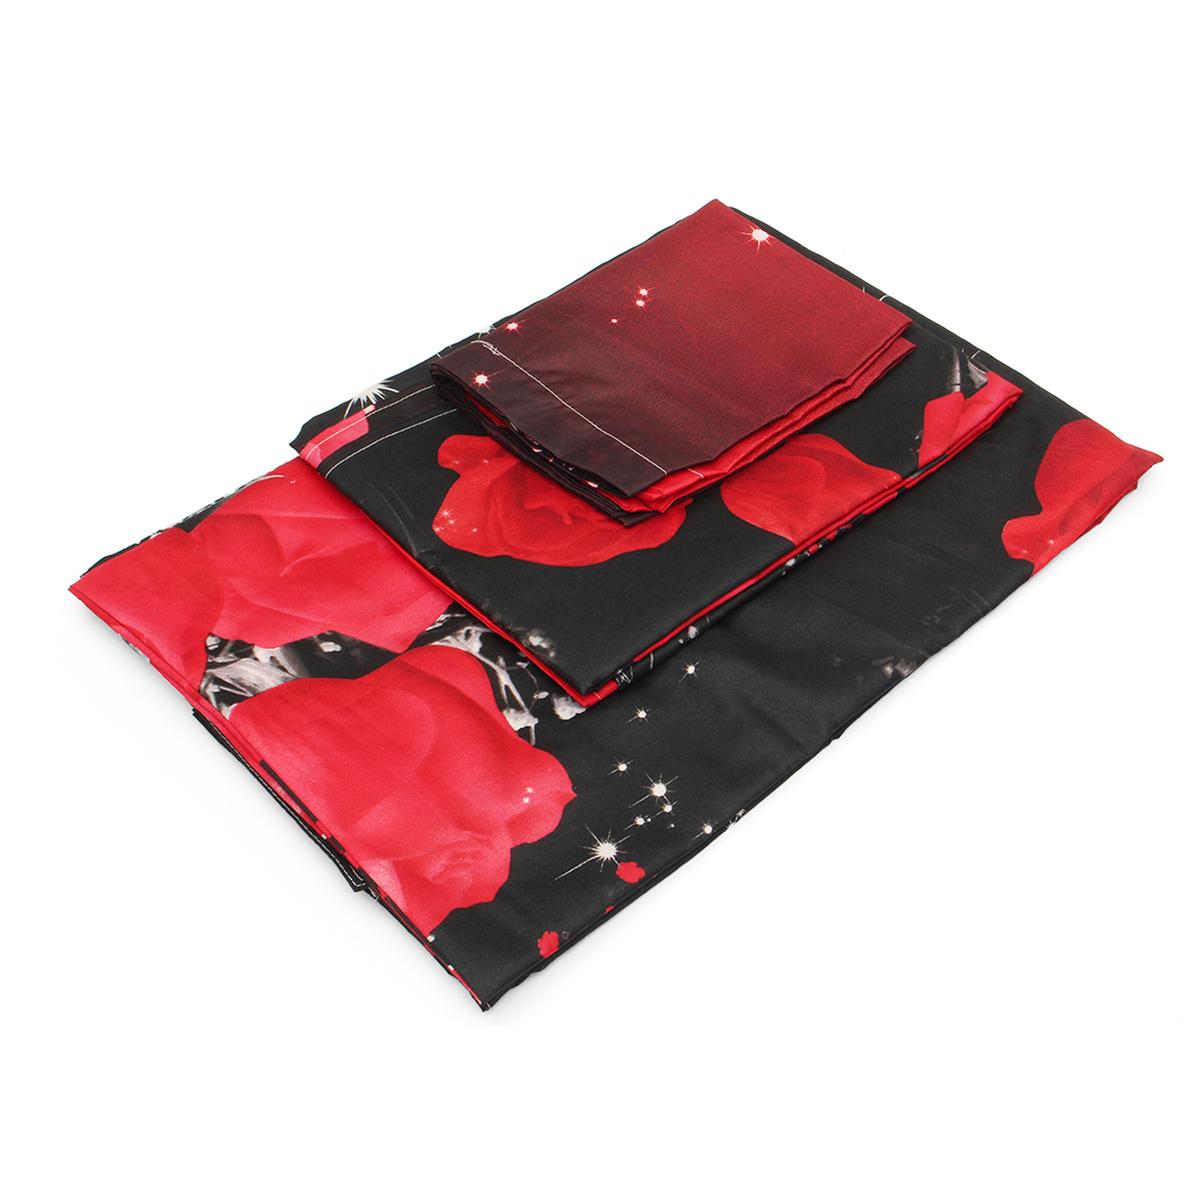 4шт.3D-изображенияНаборыдляпостельного белья Комплект подошв 1 Одеяло Обложка 1 Оборудованный лист 2 Подушки - фото 3